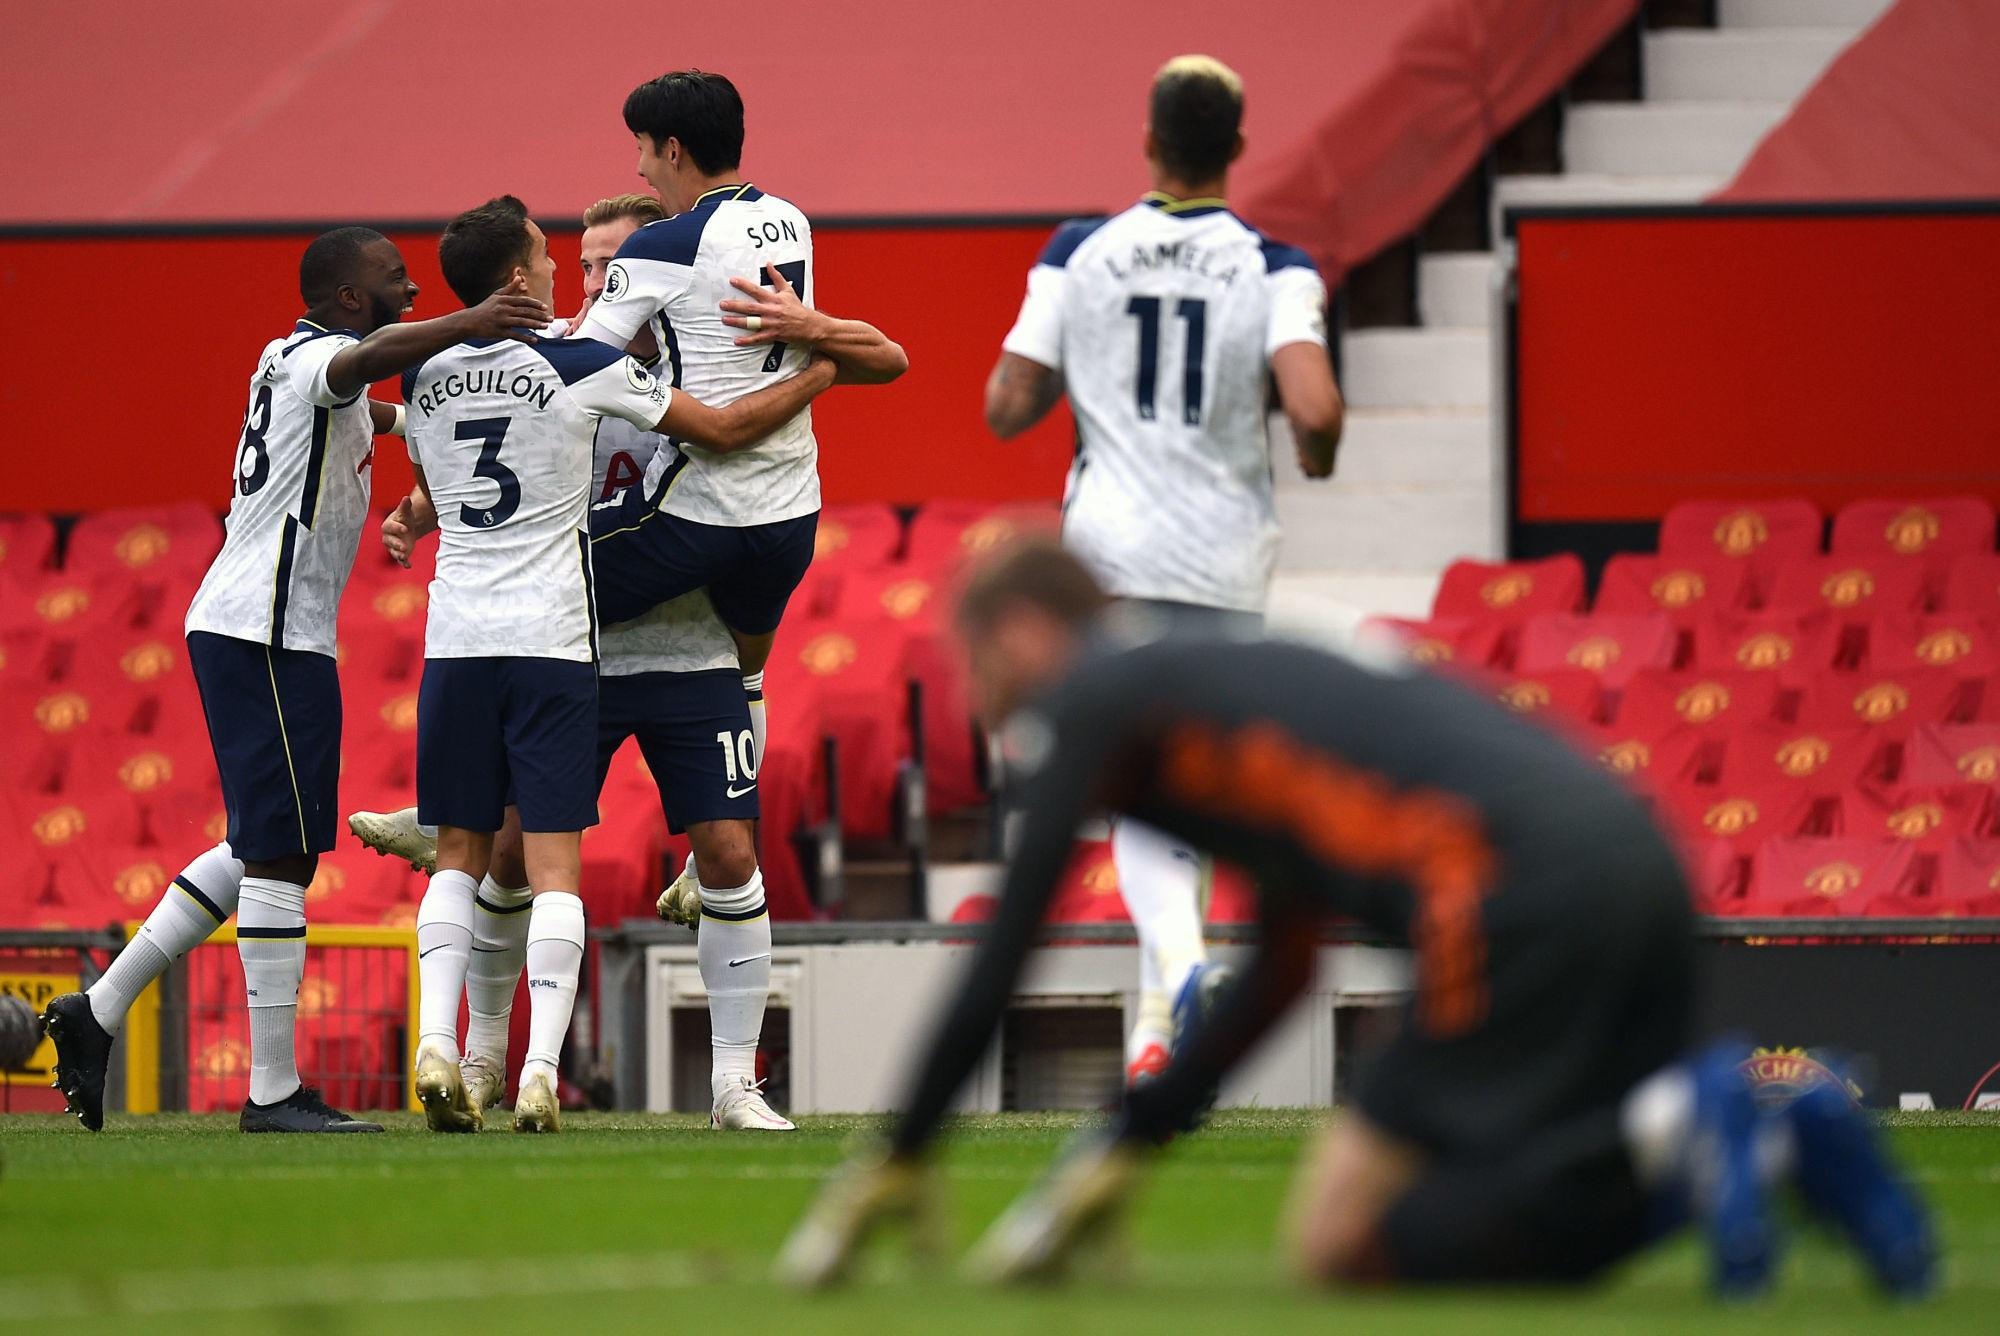 LDC - Manchester United, premier adversaire du PSG, a été balayé par Tottenham